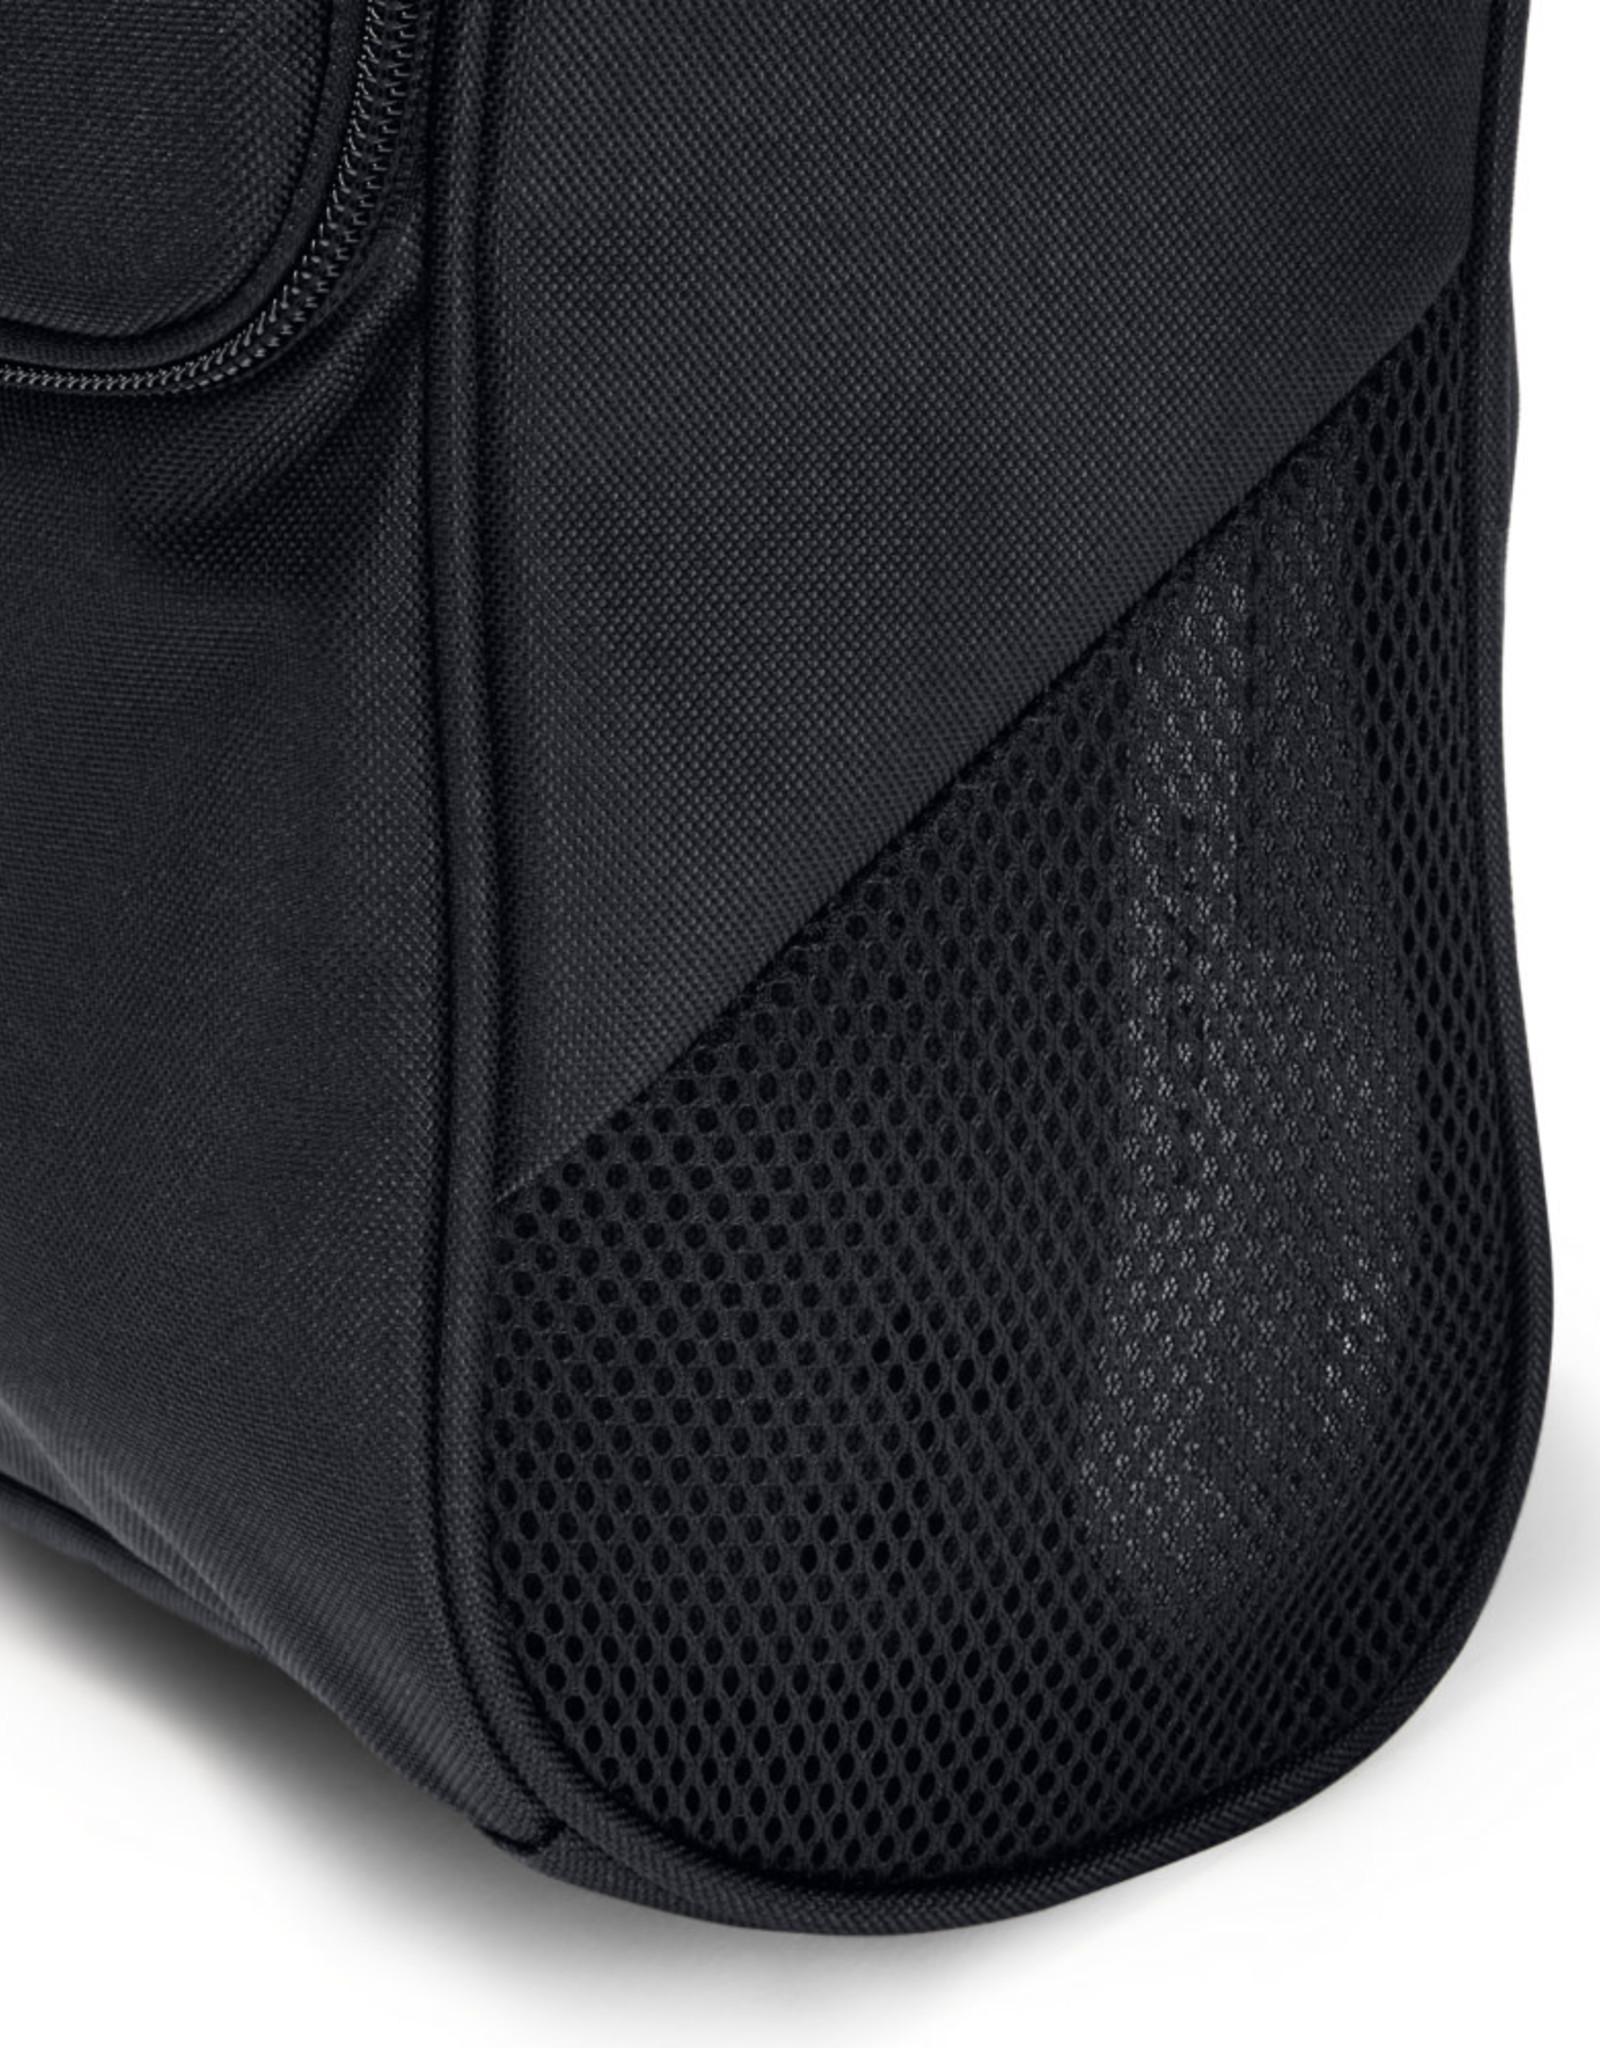 Under Armour UA Shoe Bag - Black-Black-Silver - OSFA